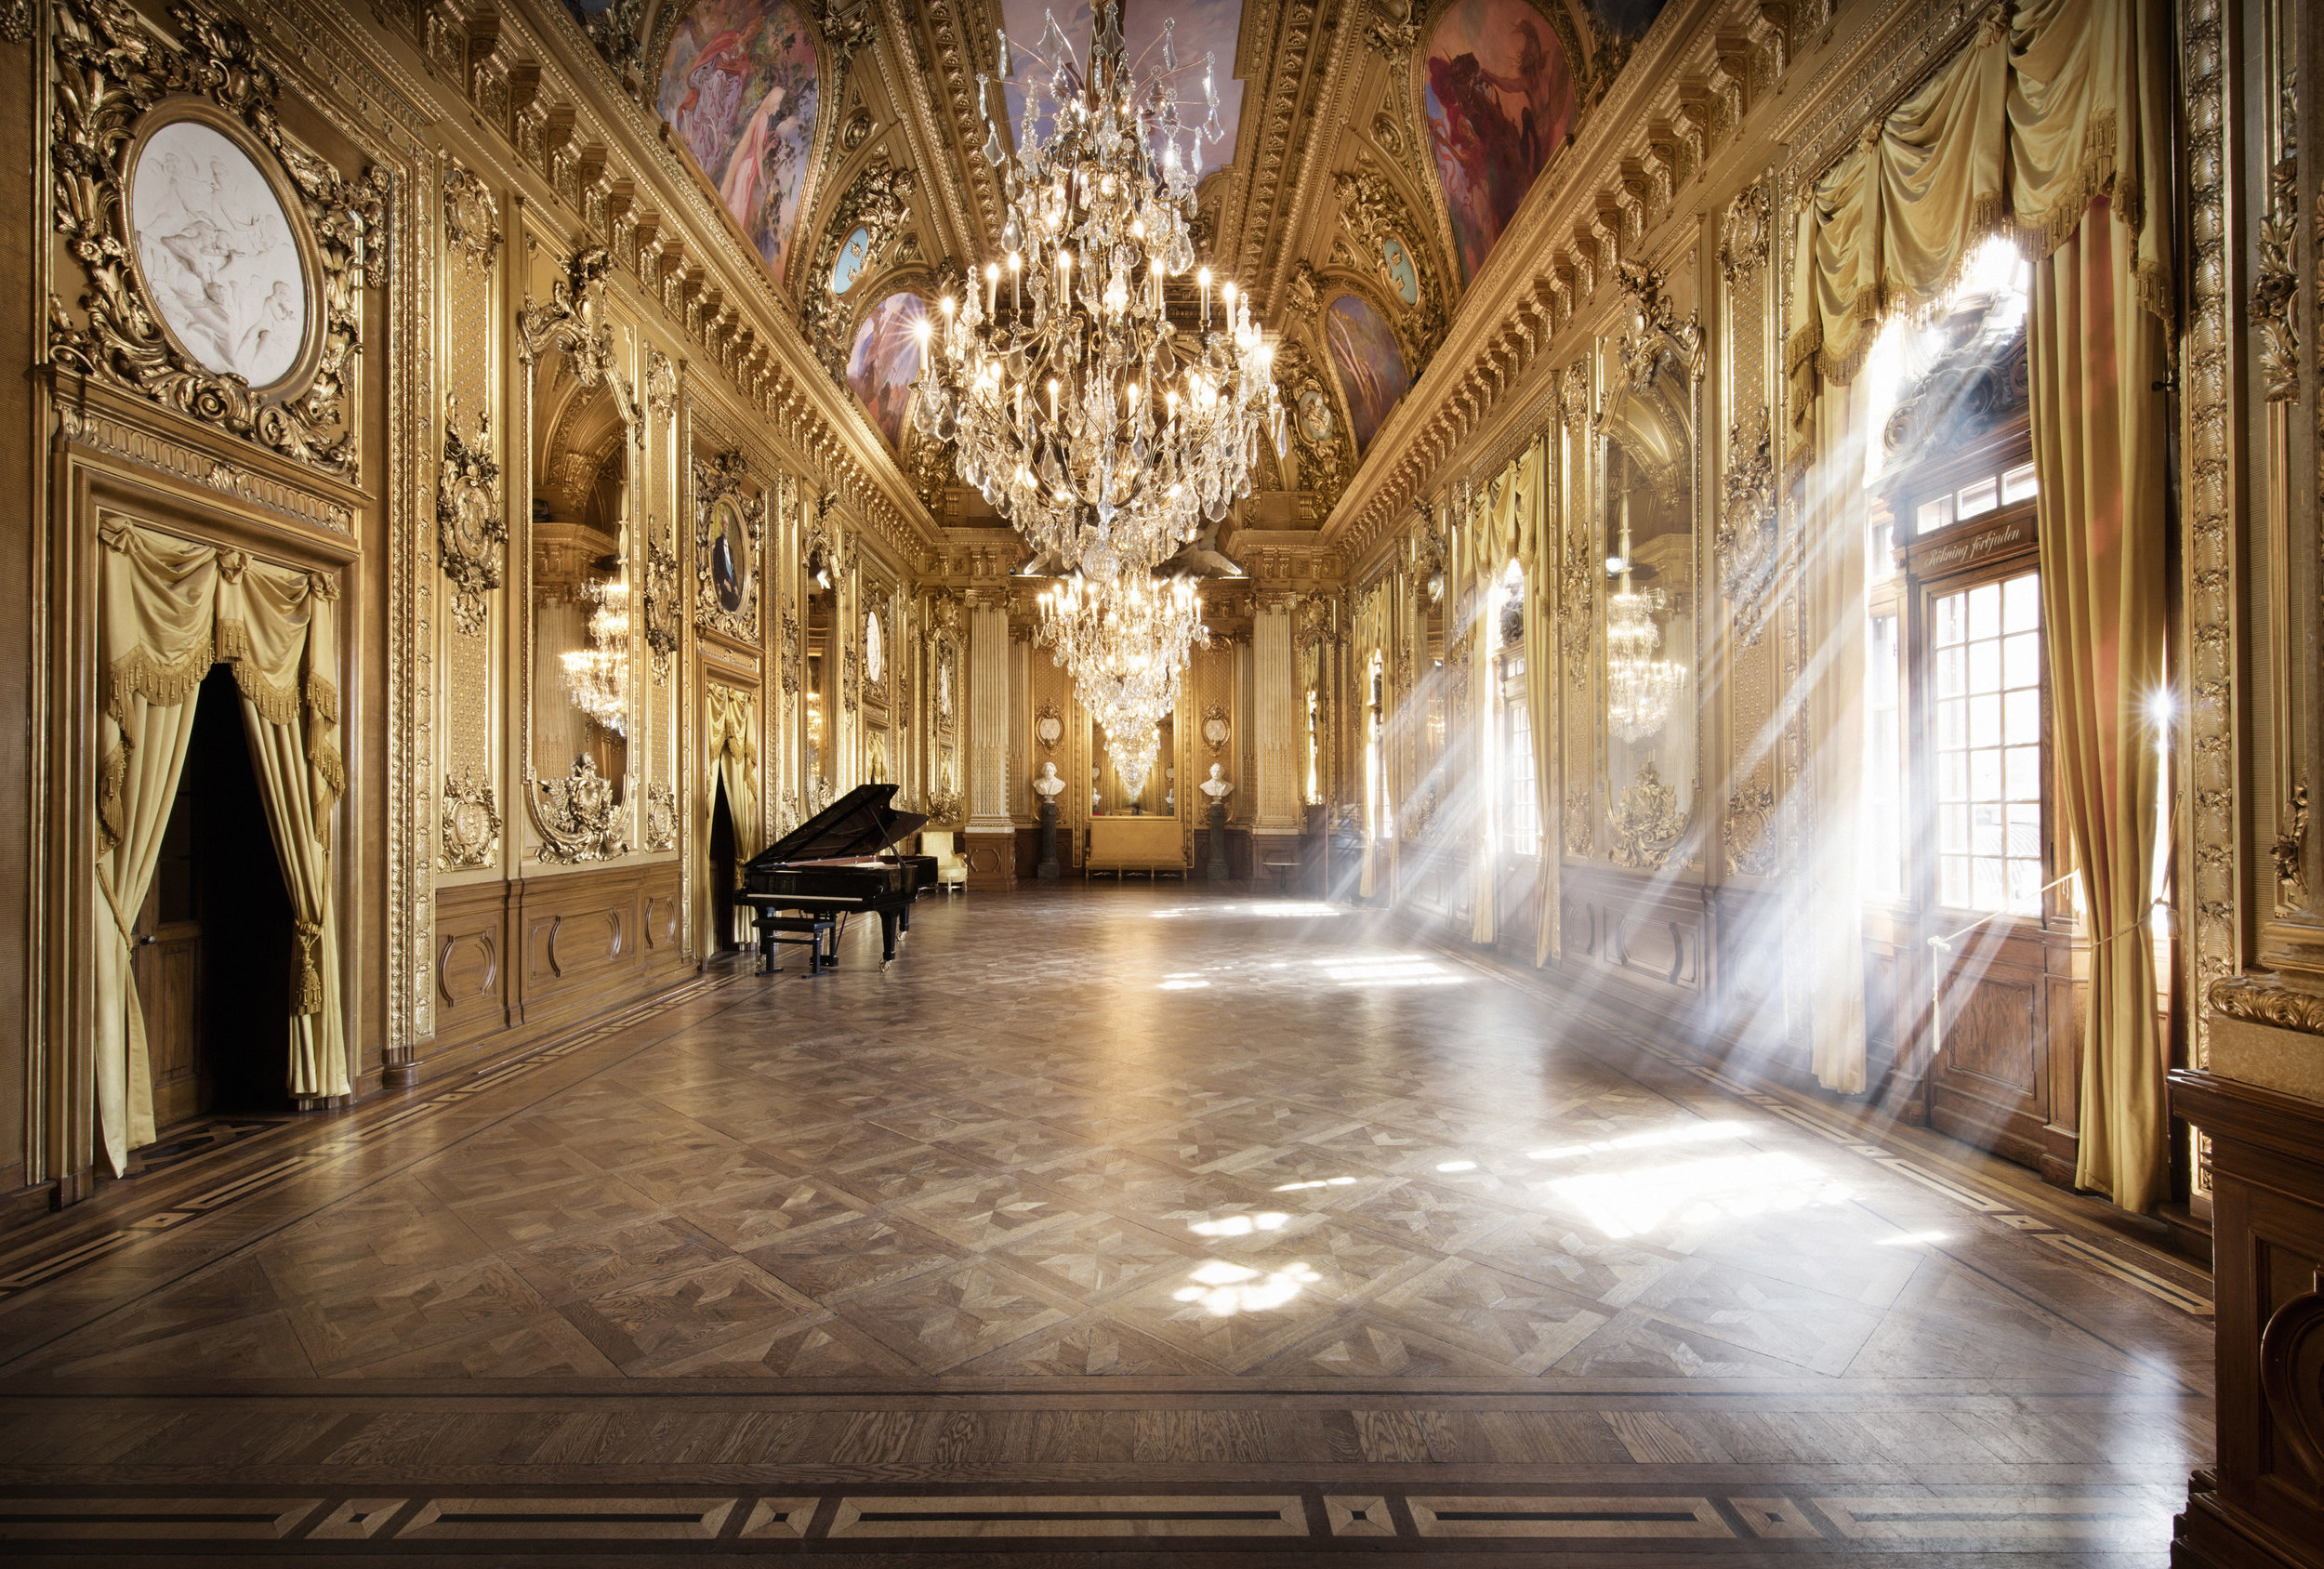 2018  jan 17, 19 Lunchkonsert Kungl Operan, Guldfoajén. Sånger av Schubert, Schumann och Helander tillsammans med stråkkvartett ur Kungl Hovkapellet. Klicka    här    för mer info.